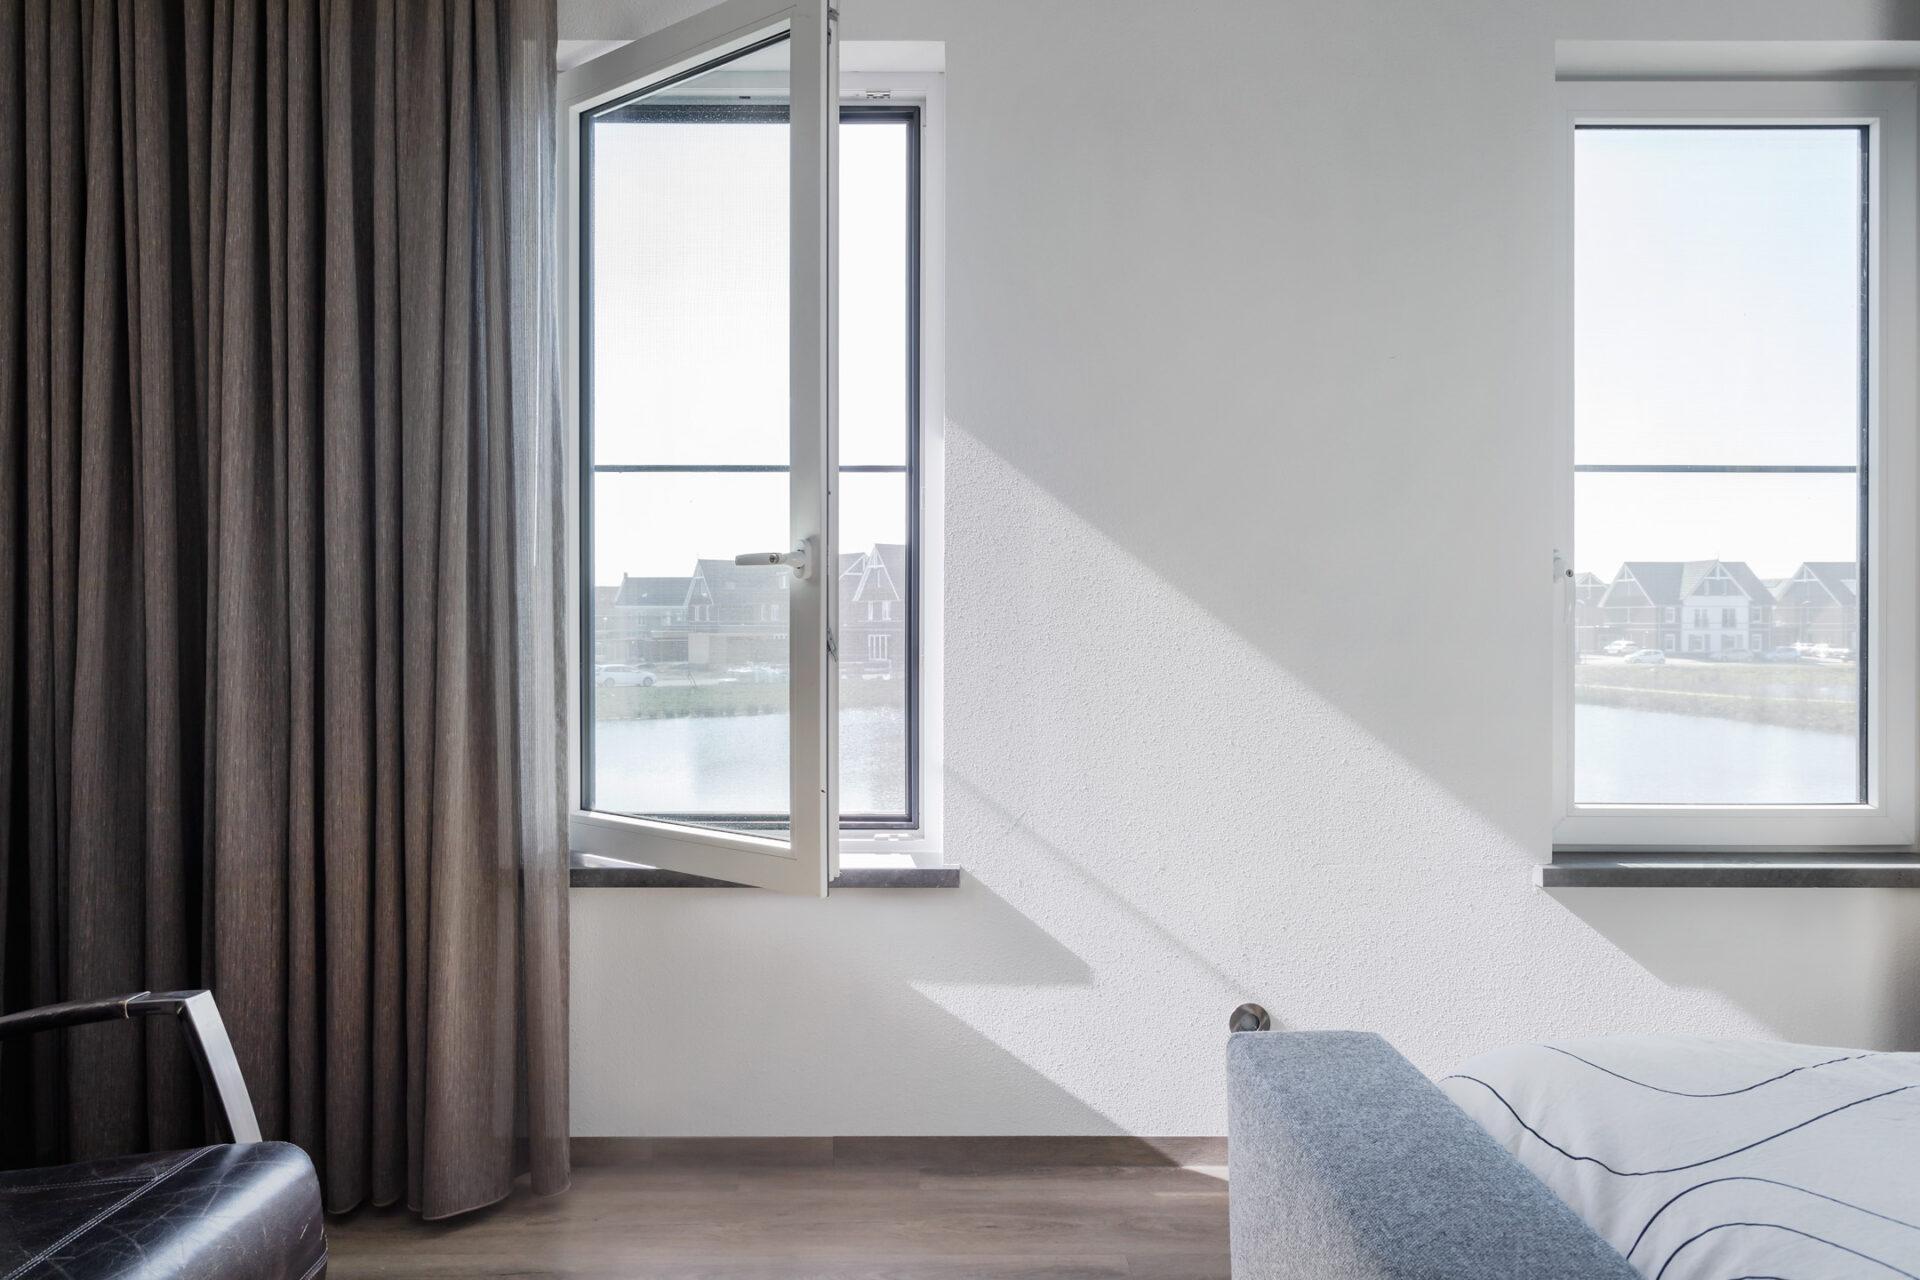 Select Windows Kunststof Kozijnen - referentie - kunststof kozijnen in Druten - badkamer kunststof raam